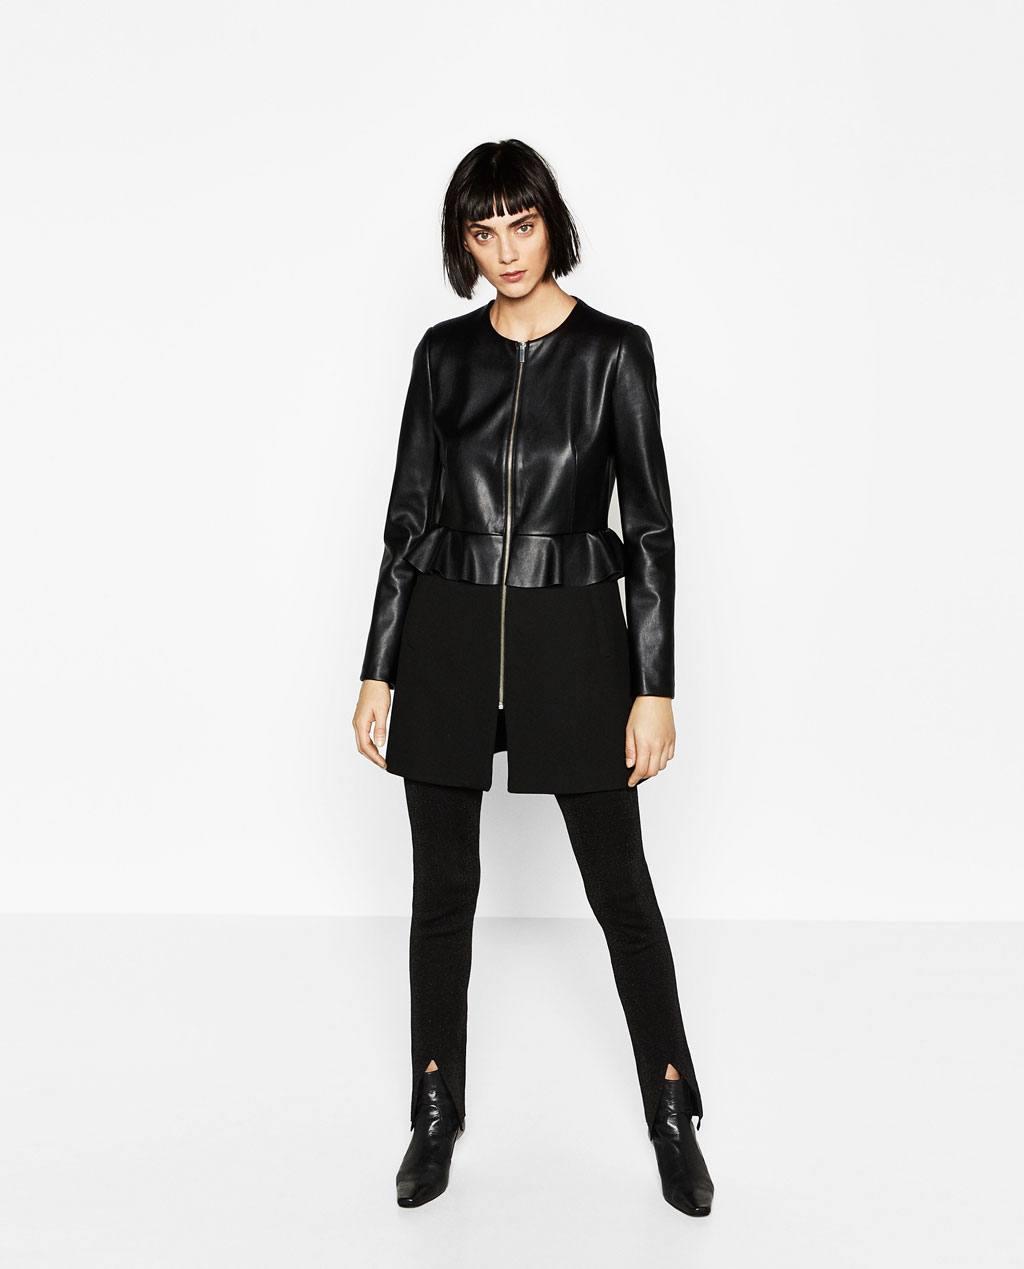 Cappottino con giacchino ecopelle ZARA inverno 2016 2017 prezzo 69 95 euro